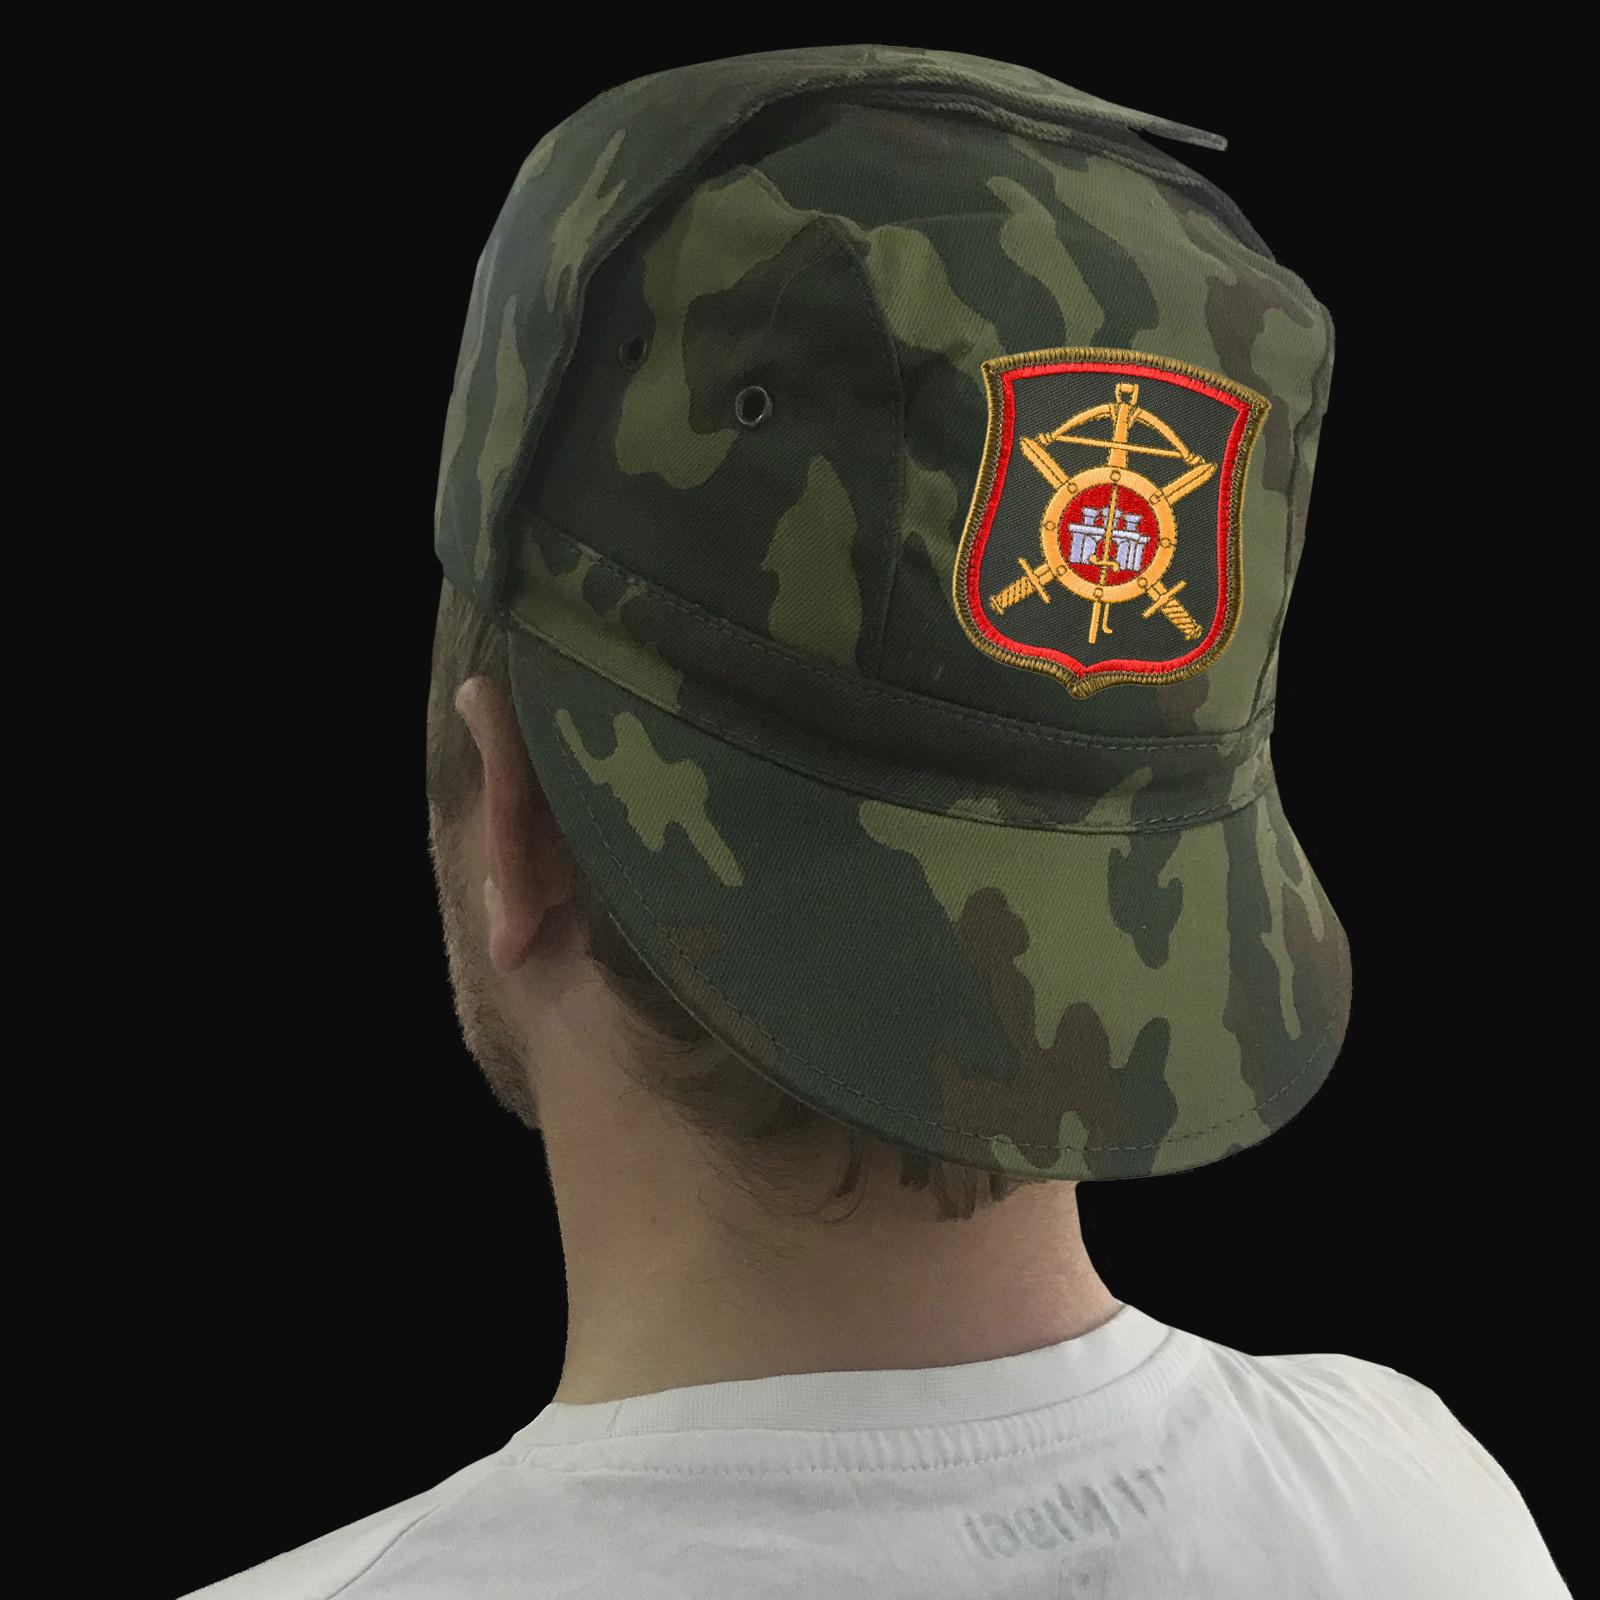 Бейсболки и кепки с вышитыми эмблемами Ракетных войск